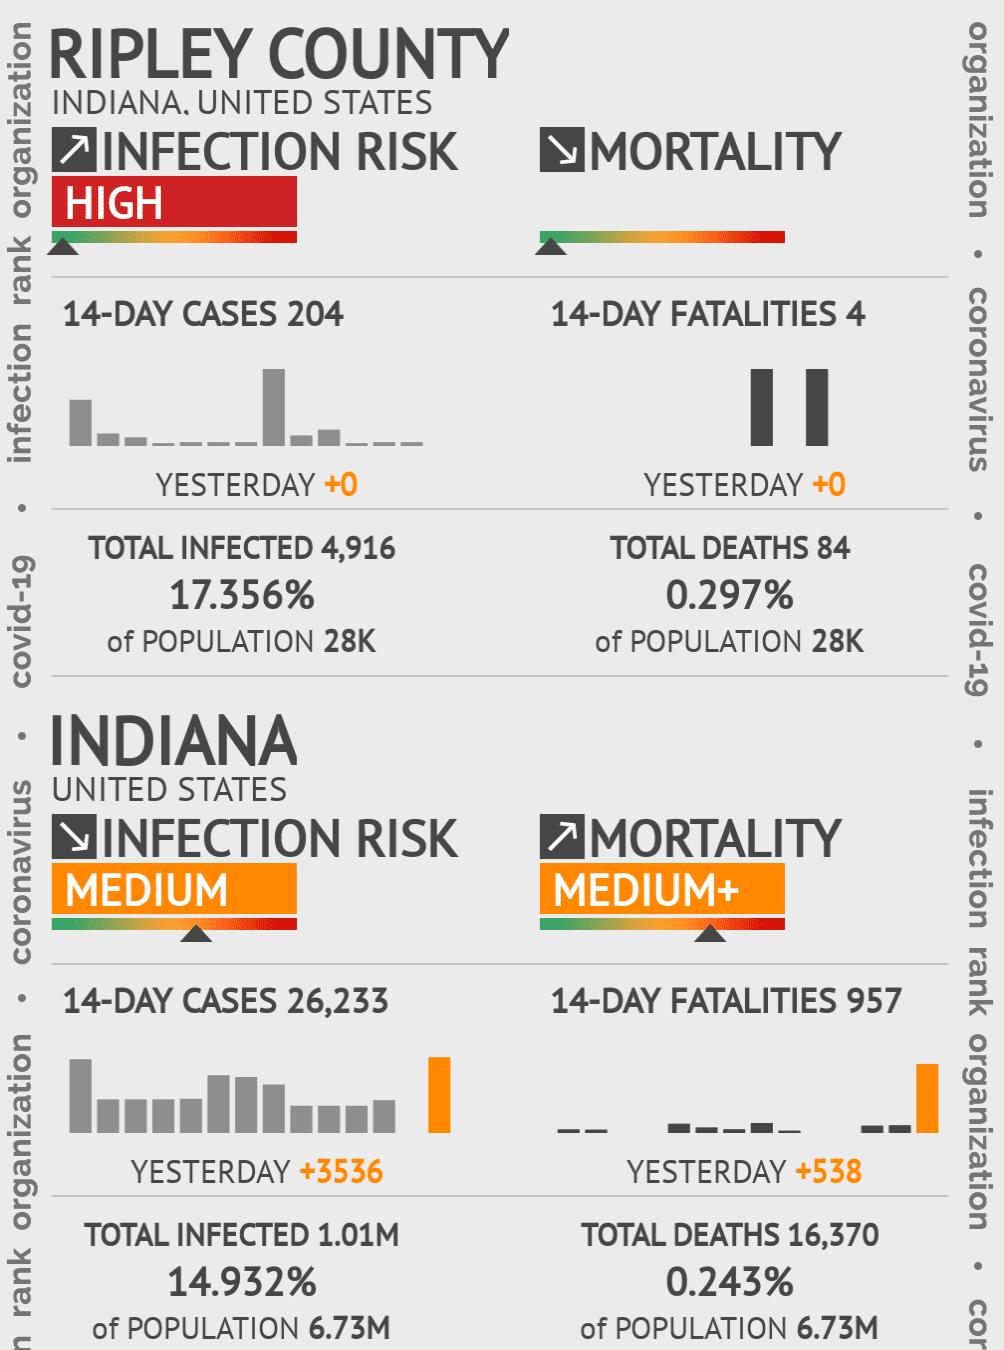 Ripley County Coronavirus Covid-19 Risk of Infection on November 27, 2020